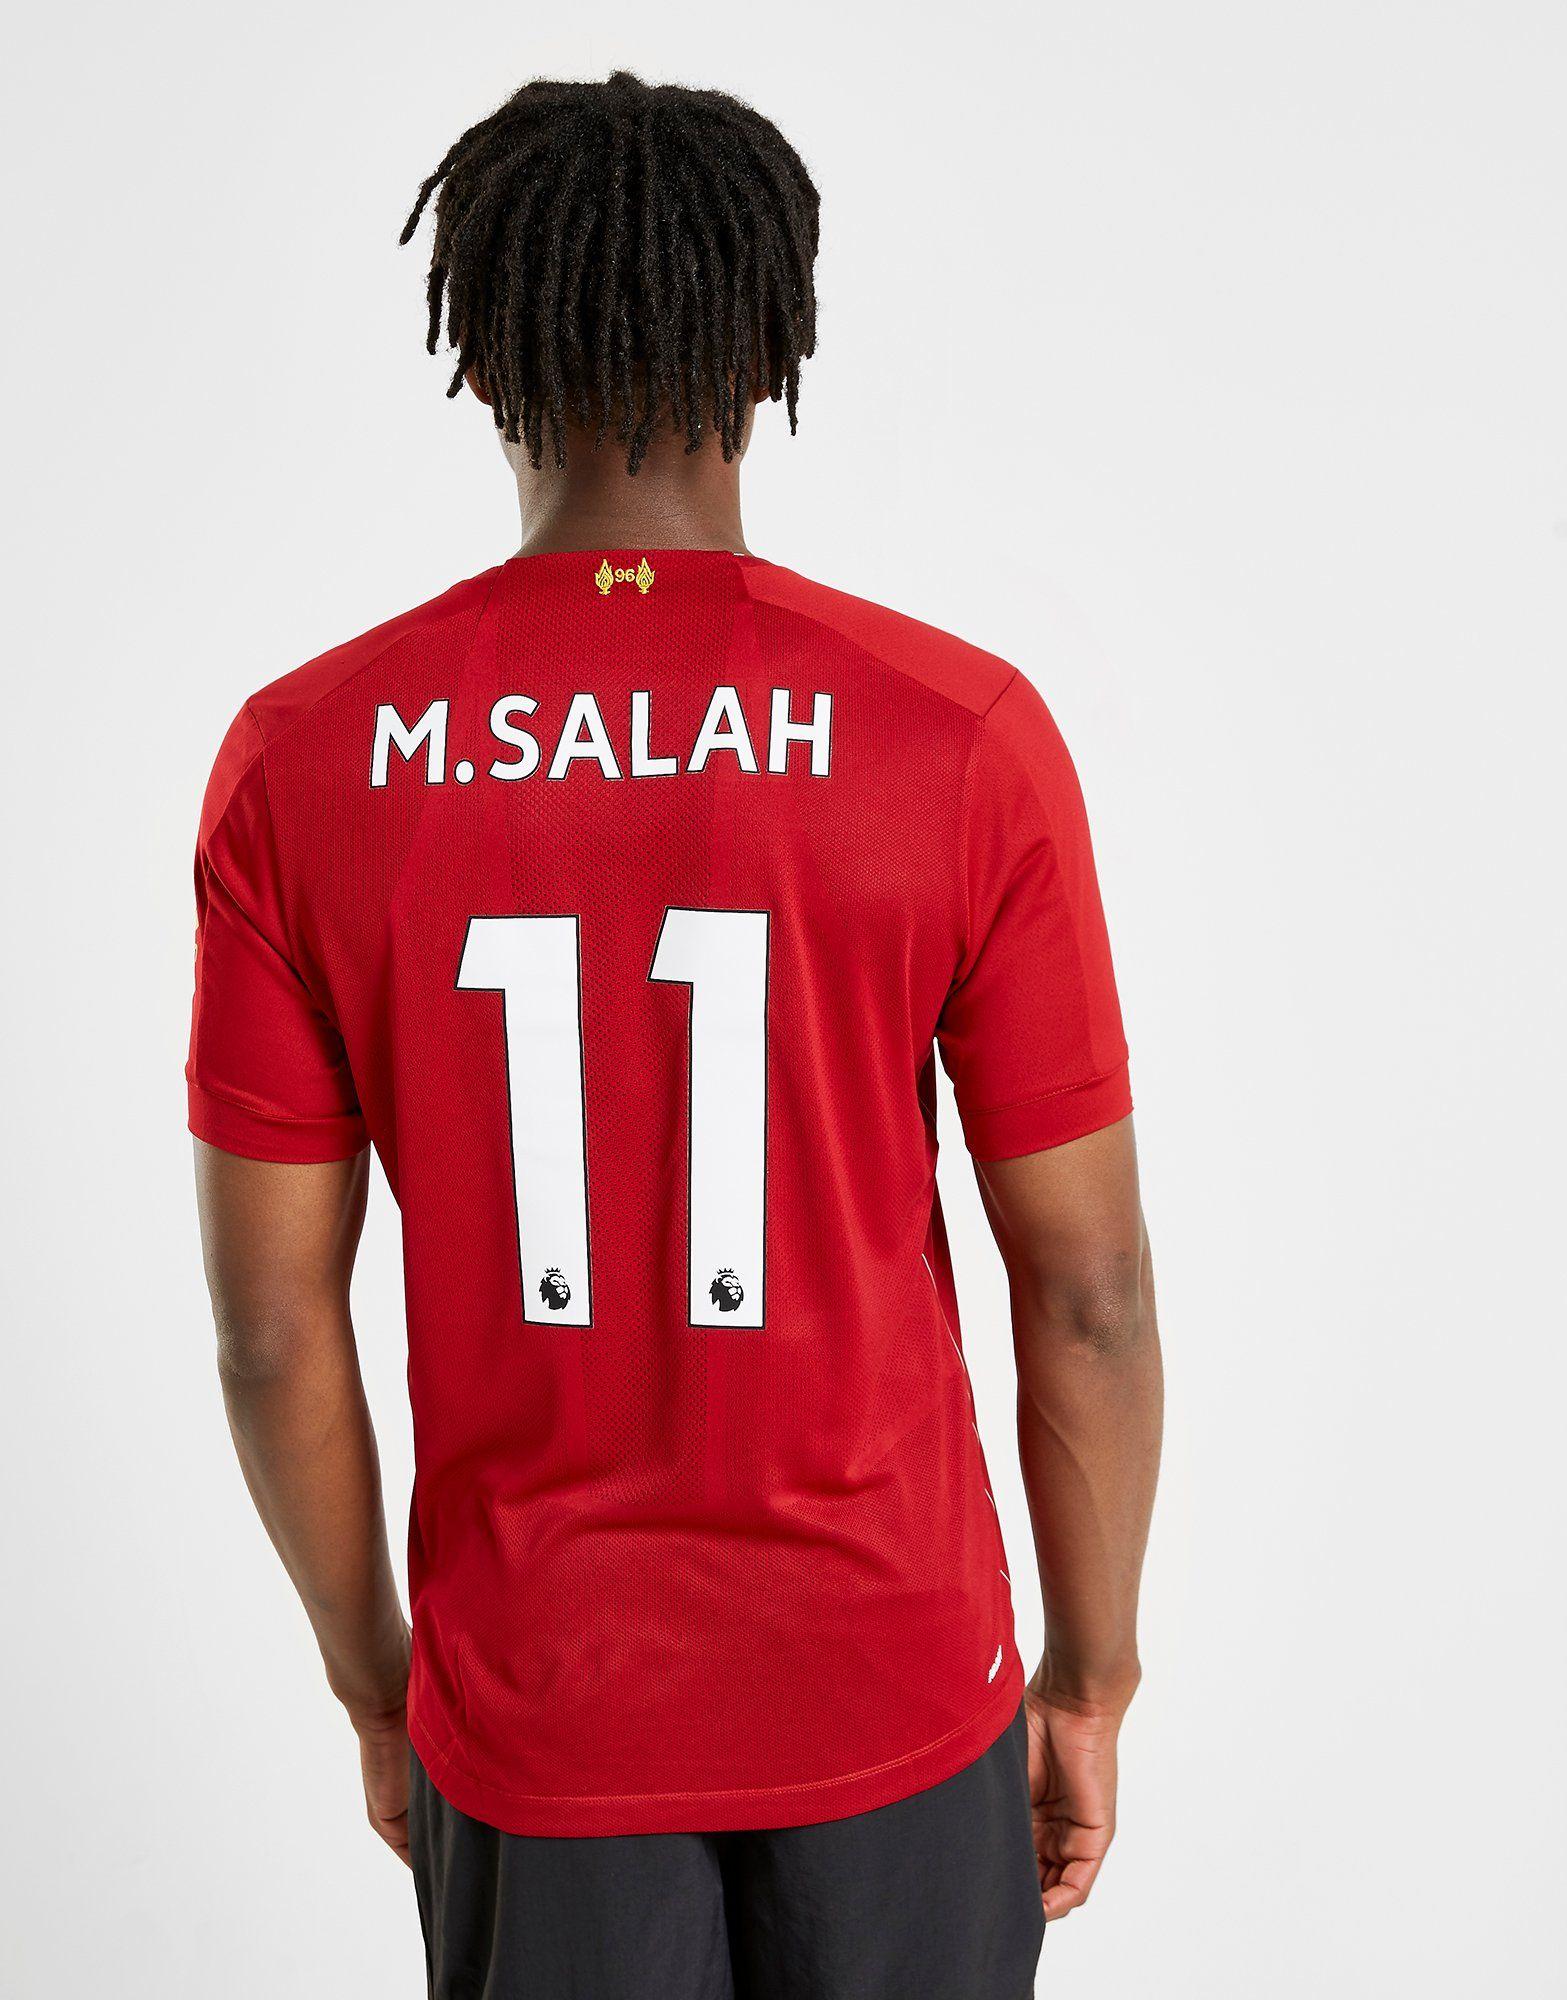 meet 72a0d 832cd New Balance Liverpool FC 2019/20 Salah #11 Home Shirt | JD Sports